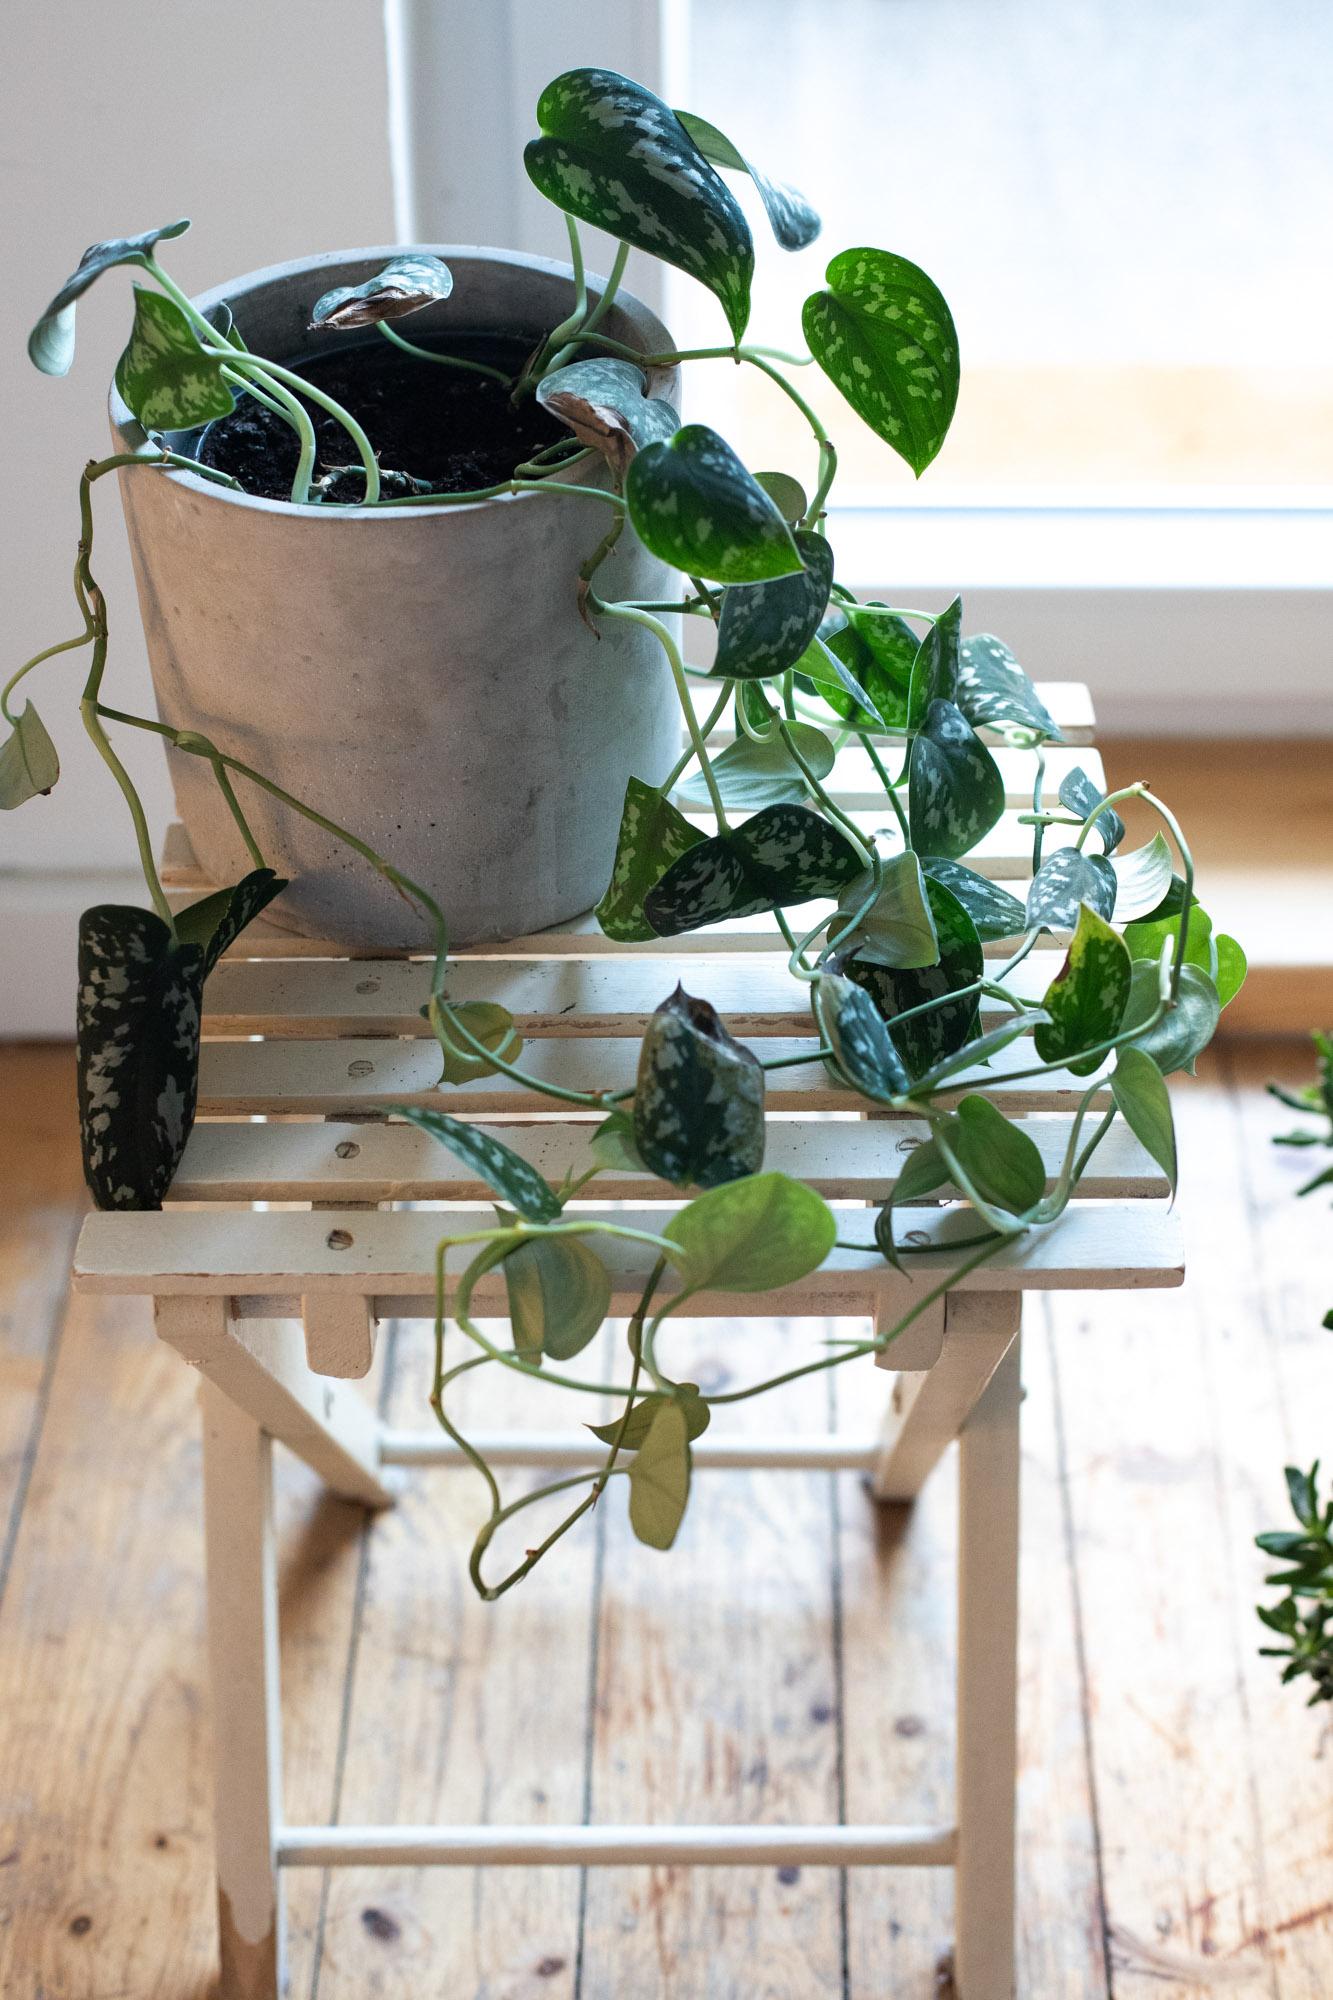 pflanzenbilder_pflanzenkatalog-efeutute_gefleckt_scindapsus-1